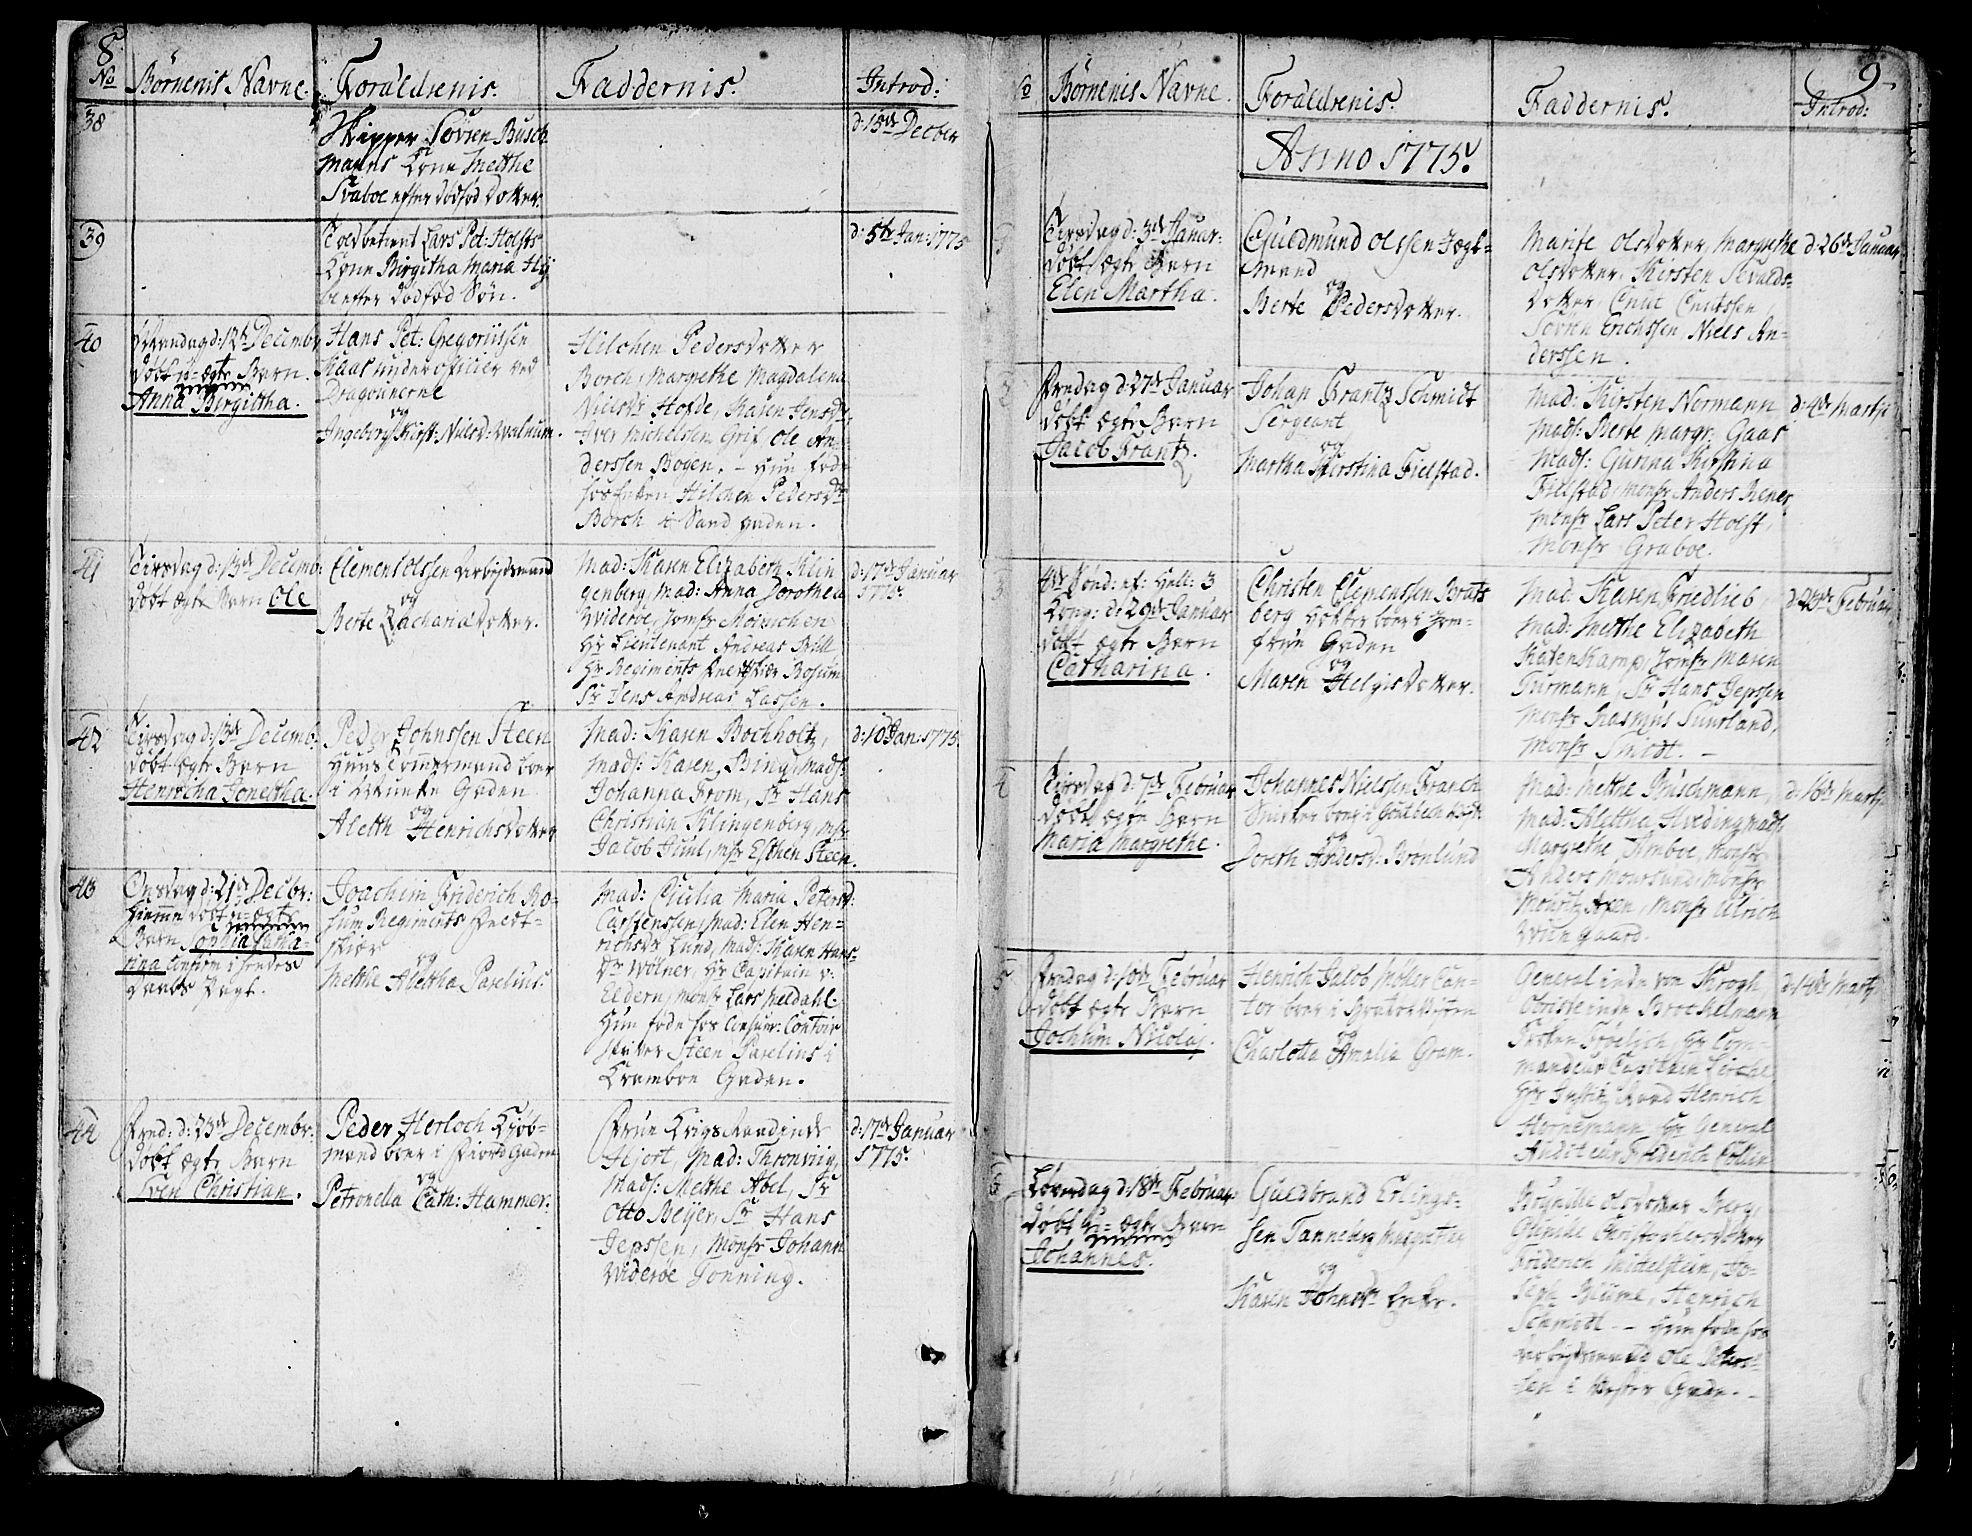 SAT, Ministerialprotokoller, klokkerbøker og fødselsregistre - Sør-Trøndelag, 602/L0104: Ministerialbok nr. 602A02, 1774-1814, s. 8-9